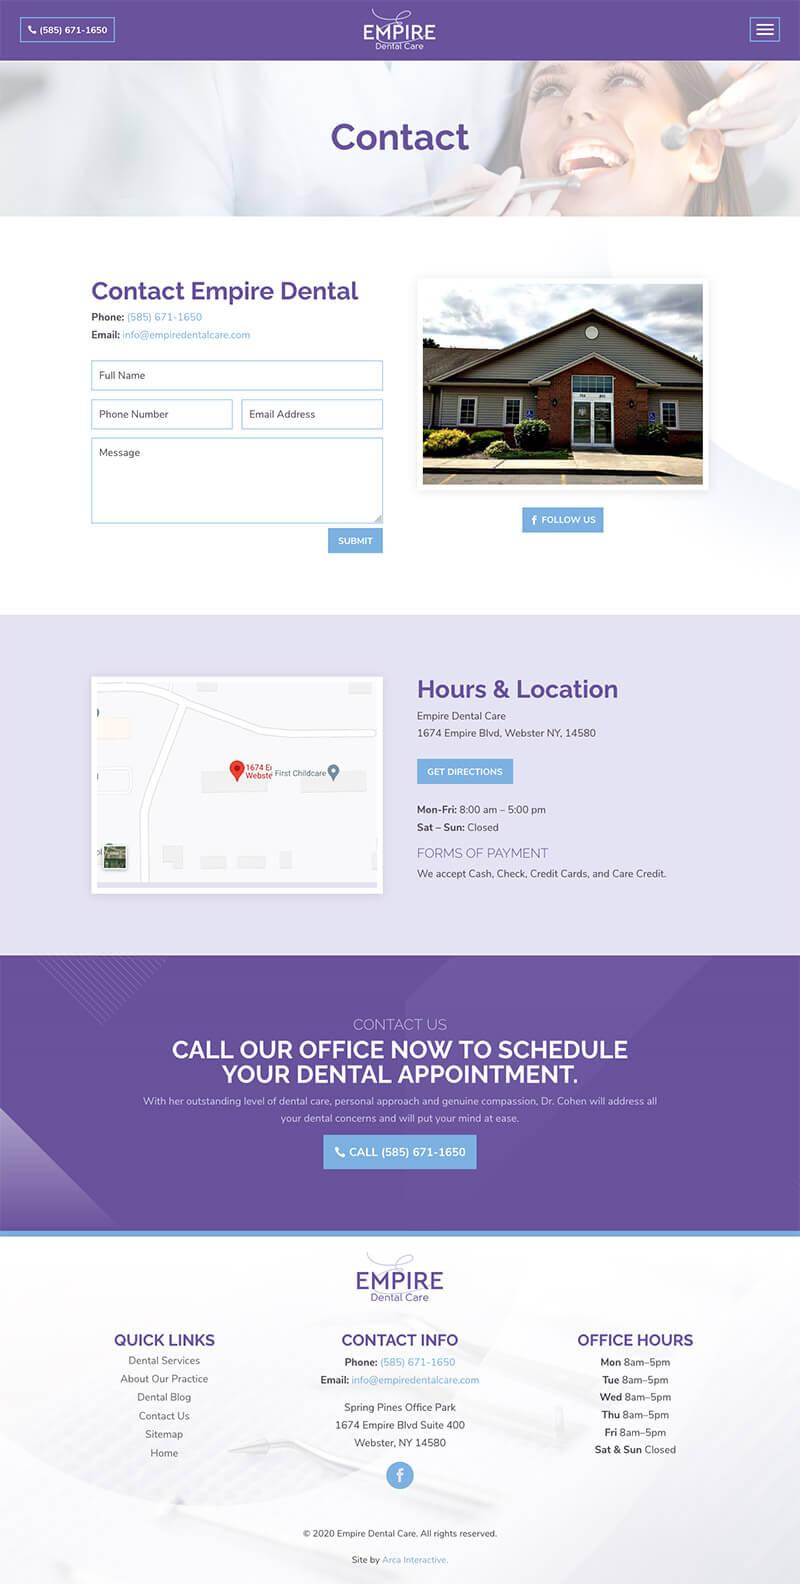 edc-website-design